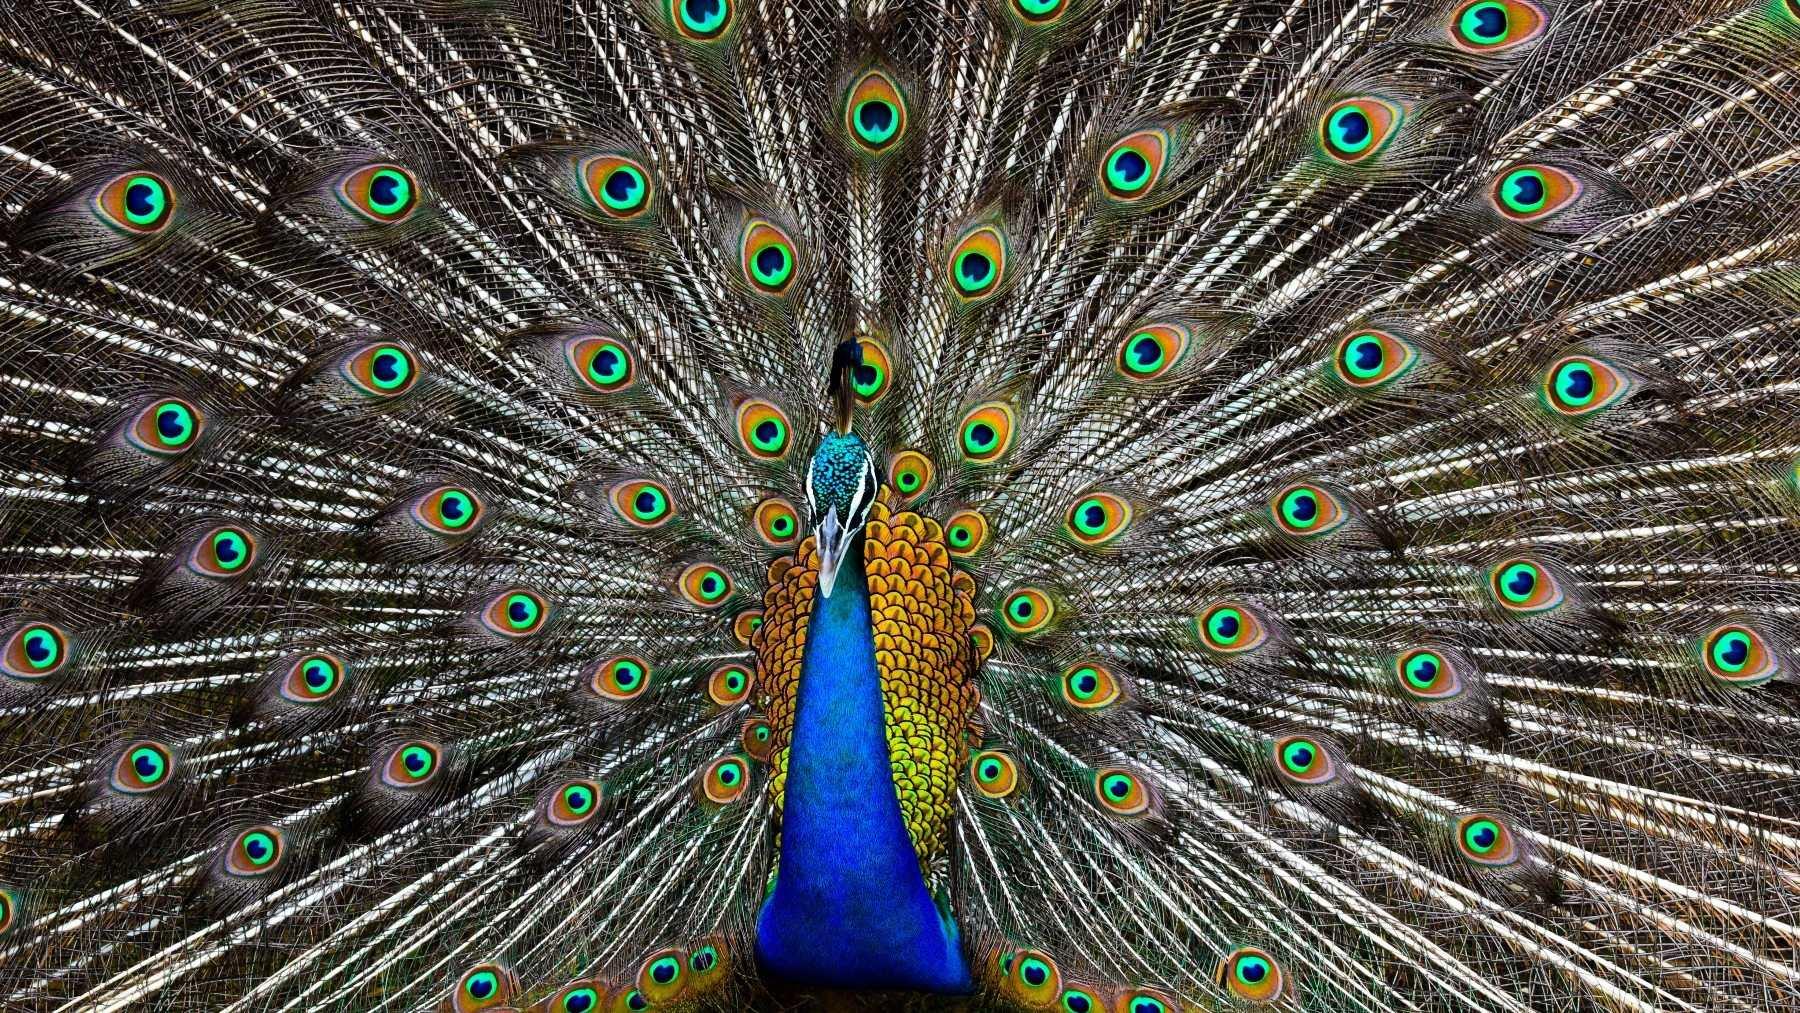 Las plumas del pavo real son especiales